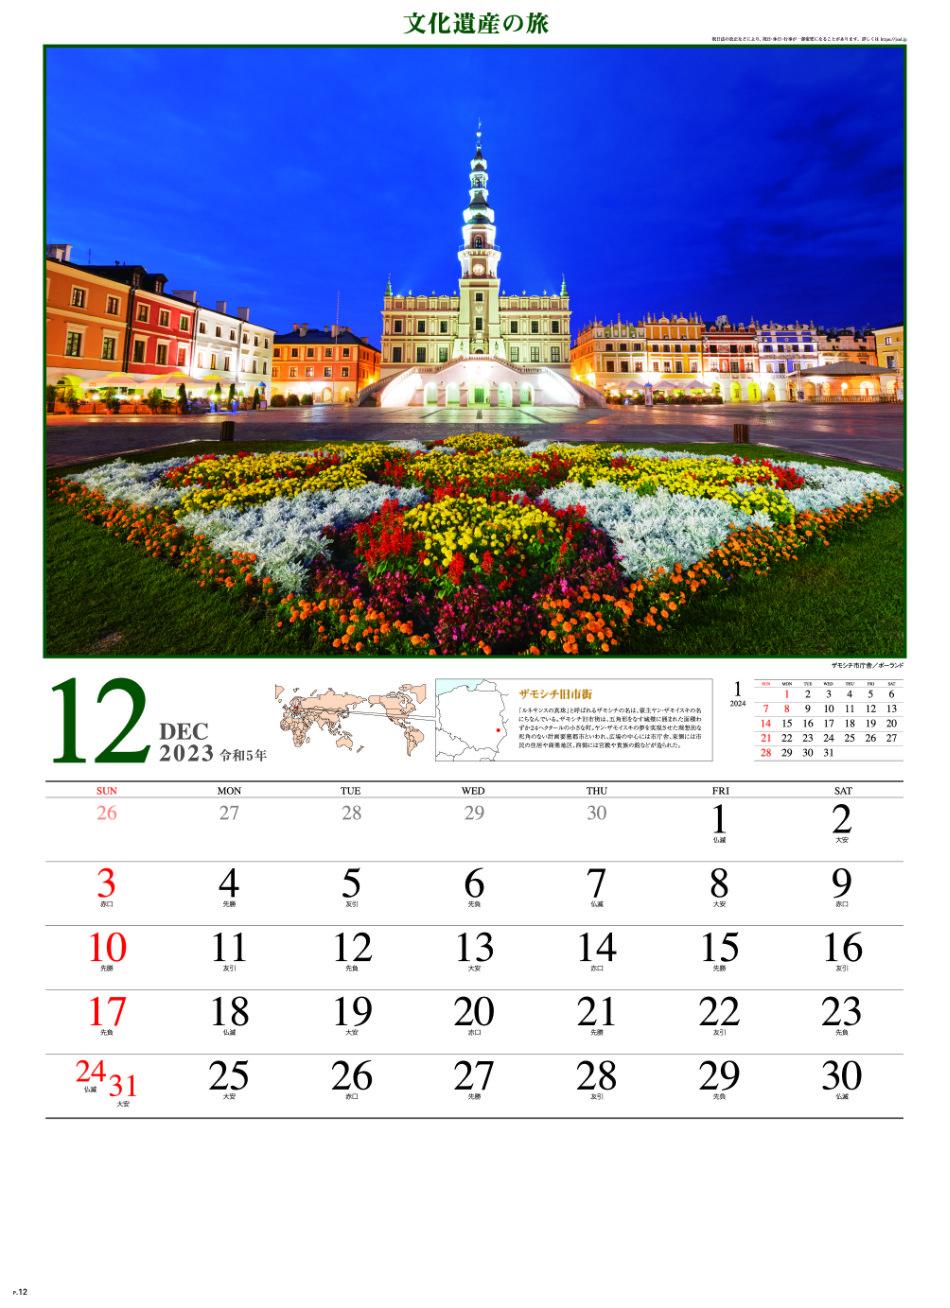 12月 プラハ歴史地区 チェコ 文化遺産の旅(ユネスコ世界遺産) 2022年カレンダーの画像